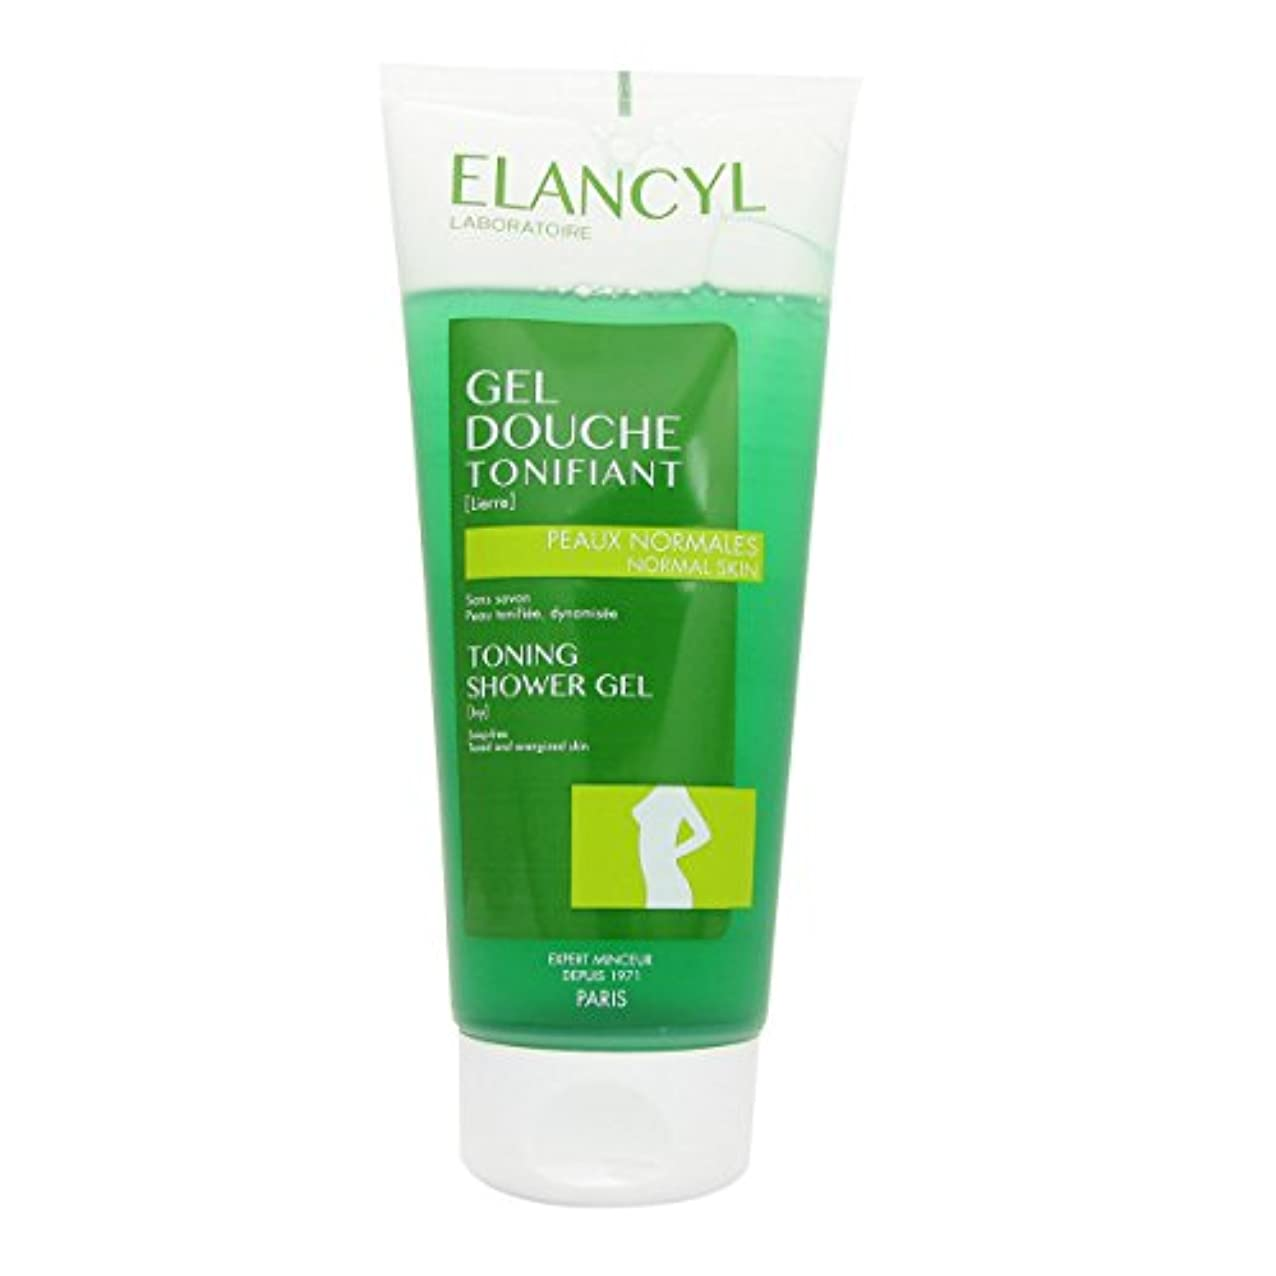 中毒義務グレートバリアリーフ[エランシル]シャワージェルElancyl Shower Gel Douche Tonifiant 200ml (並行輸入) [並行輸入品]